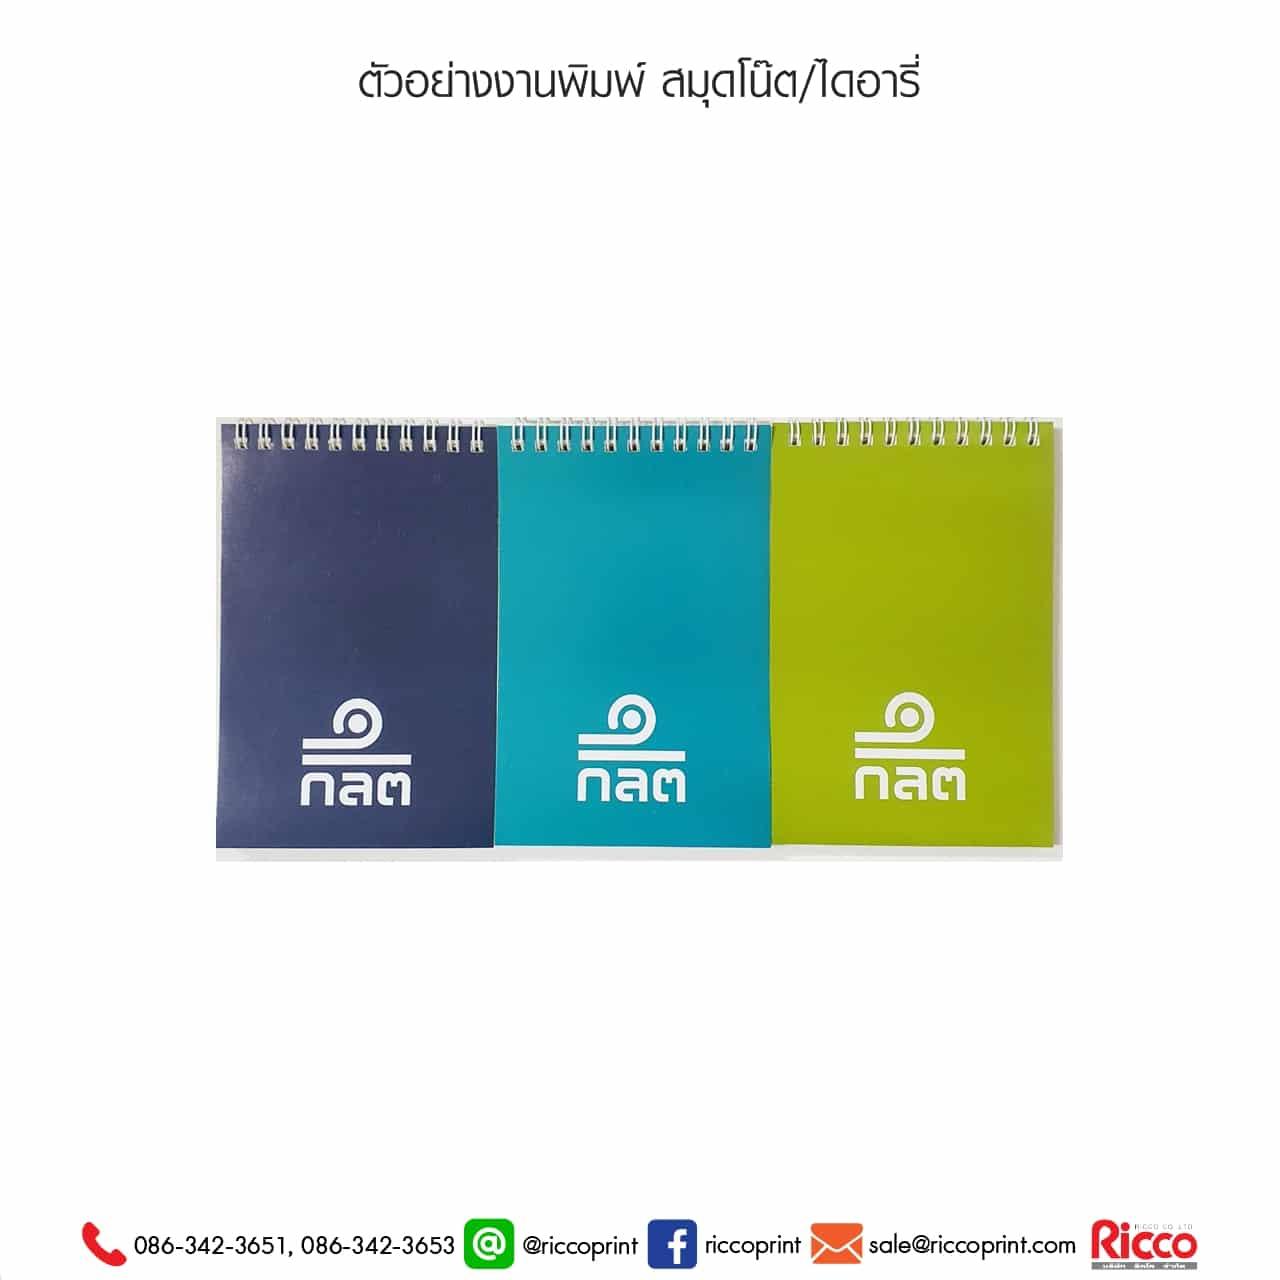 รูป Notebook Diary 27 - ประกอบเนื้อหา สมุดโน้ต ไดอารี่